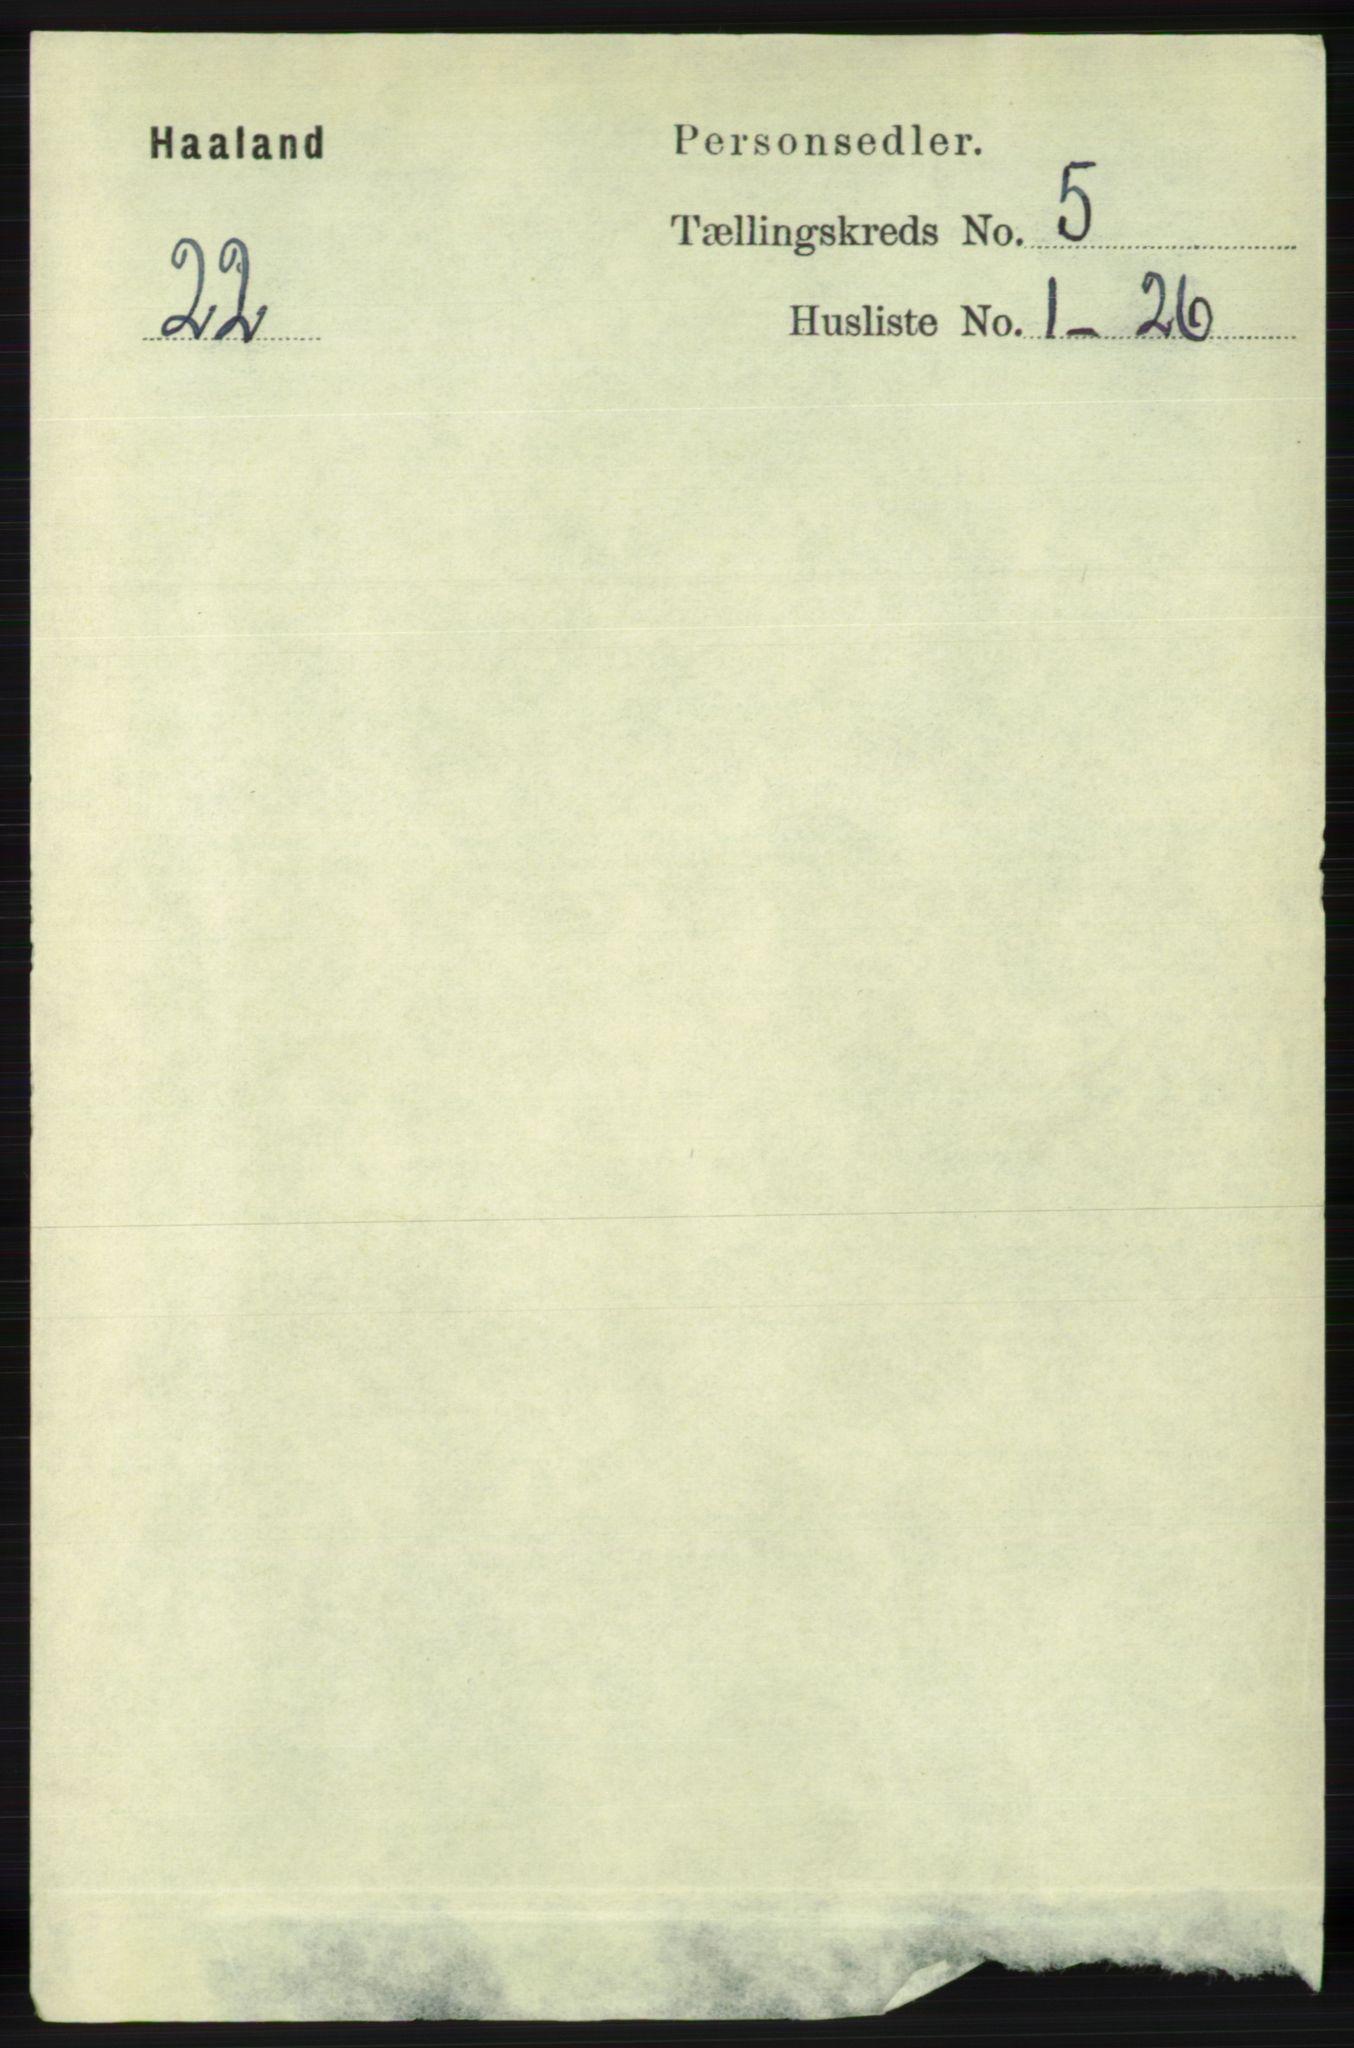 RA, Folketelling 1891 for 1124 Haaland herred, 1891, s. 3298